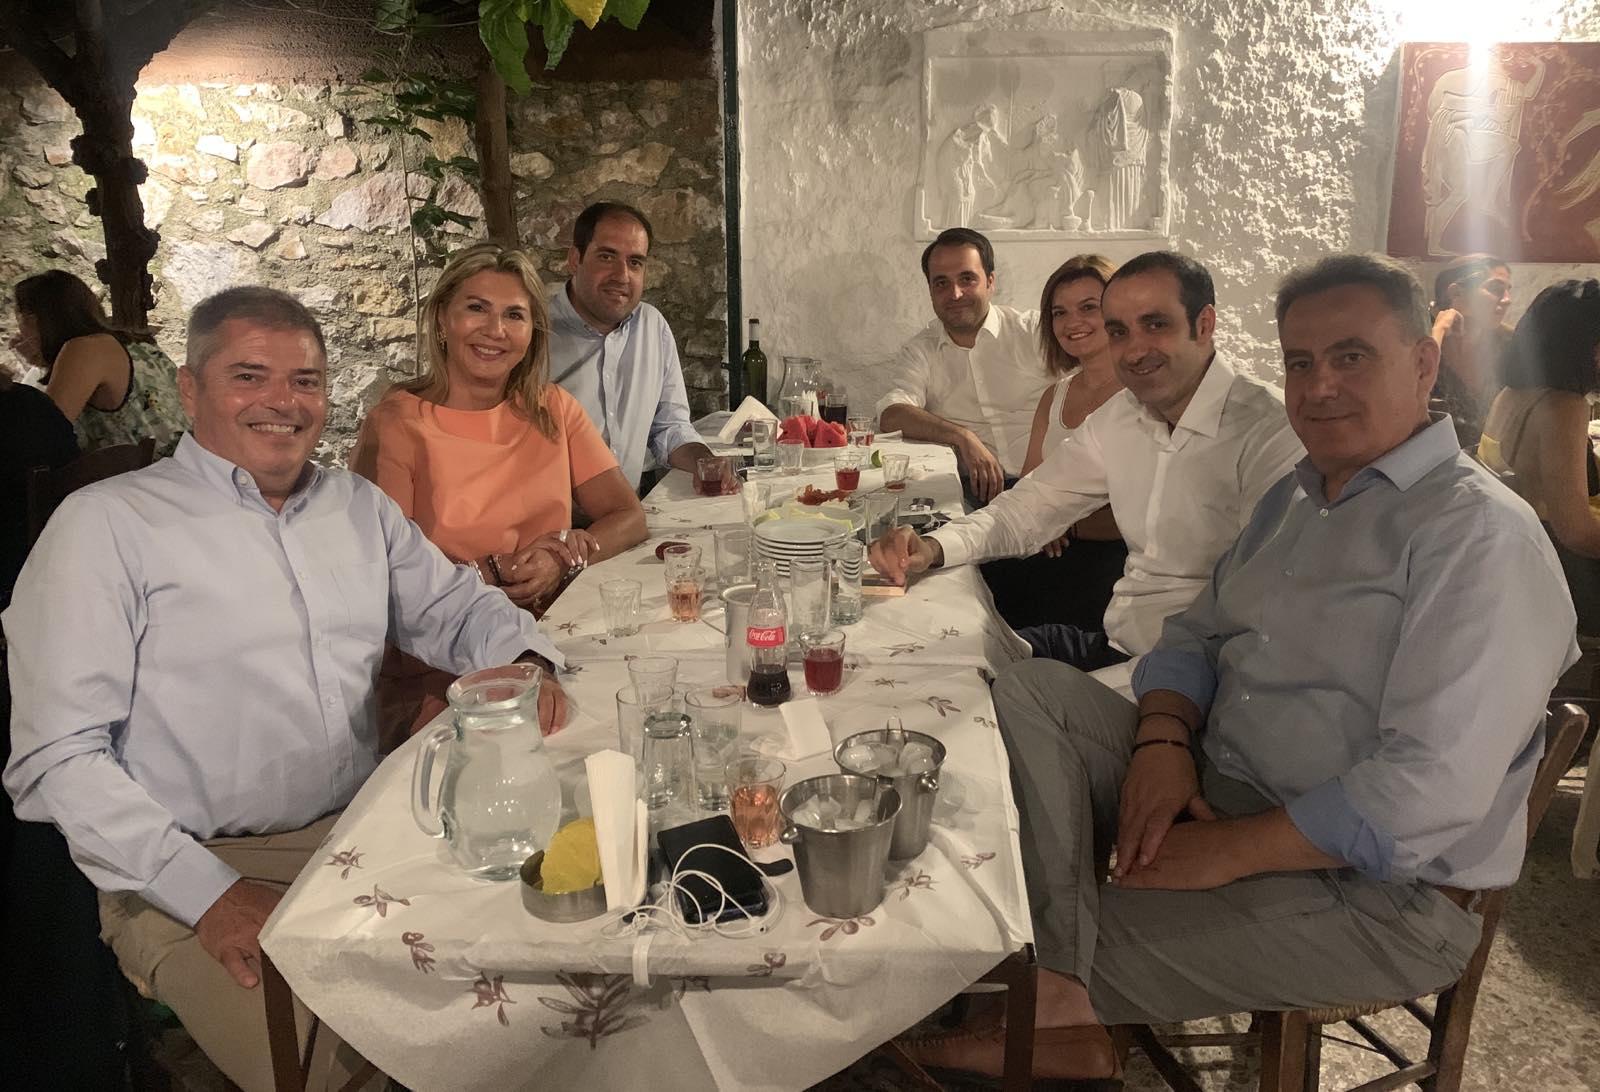 Από αριστερά: Παναγής Καππάτος, Ζέττα Μακρή, Γιάννης Κεφαλογιάννης,  Χρήστος Δερμεντζόπουλος, Μαρία Κεφάλα, Γρηγόρης Δημητριάδης, Θανάσης Καββαδάς